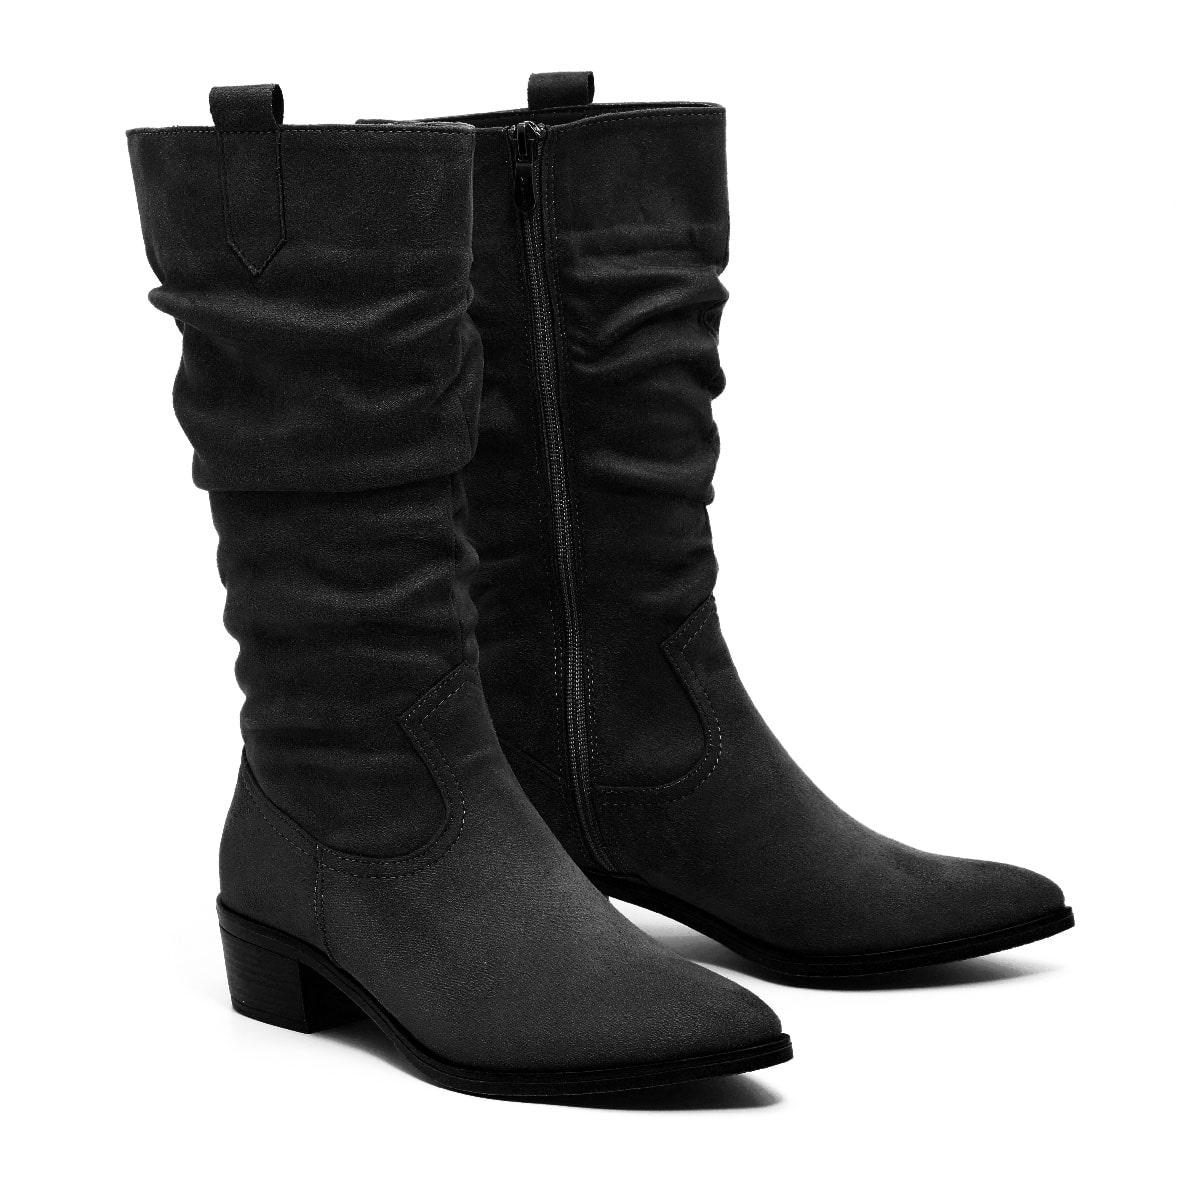 דגם ג'ניפר: מגפיים טבעוניים לנשים